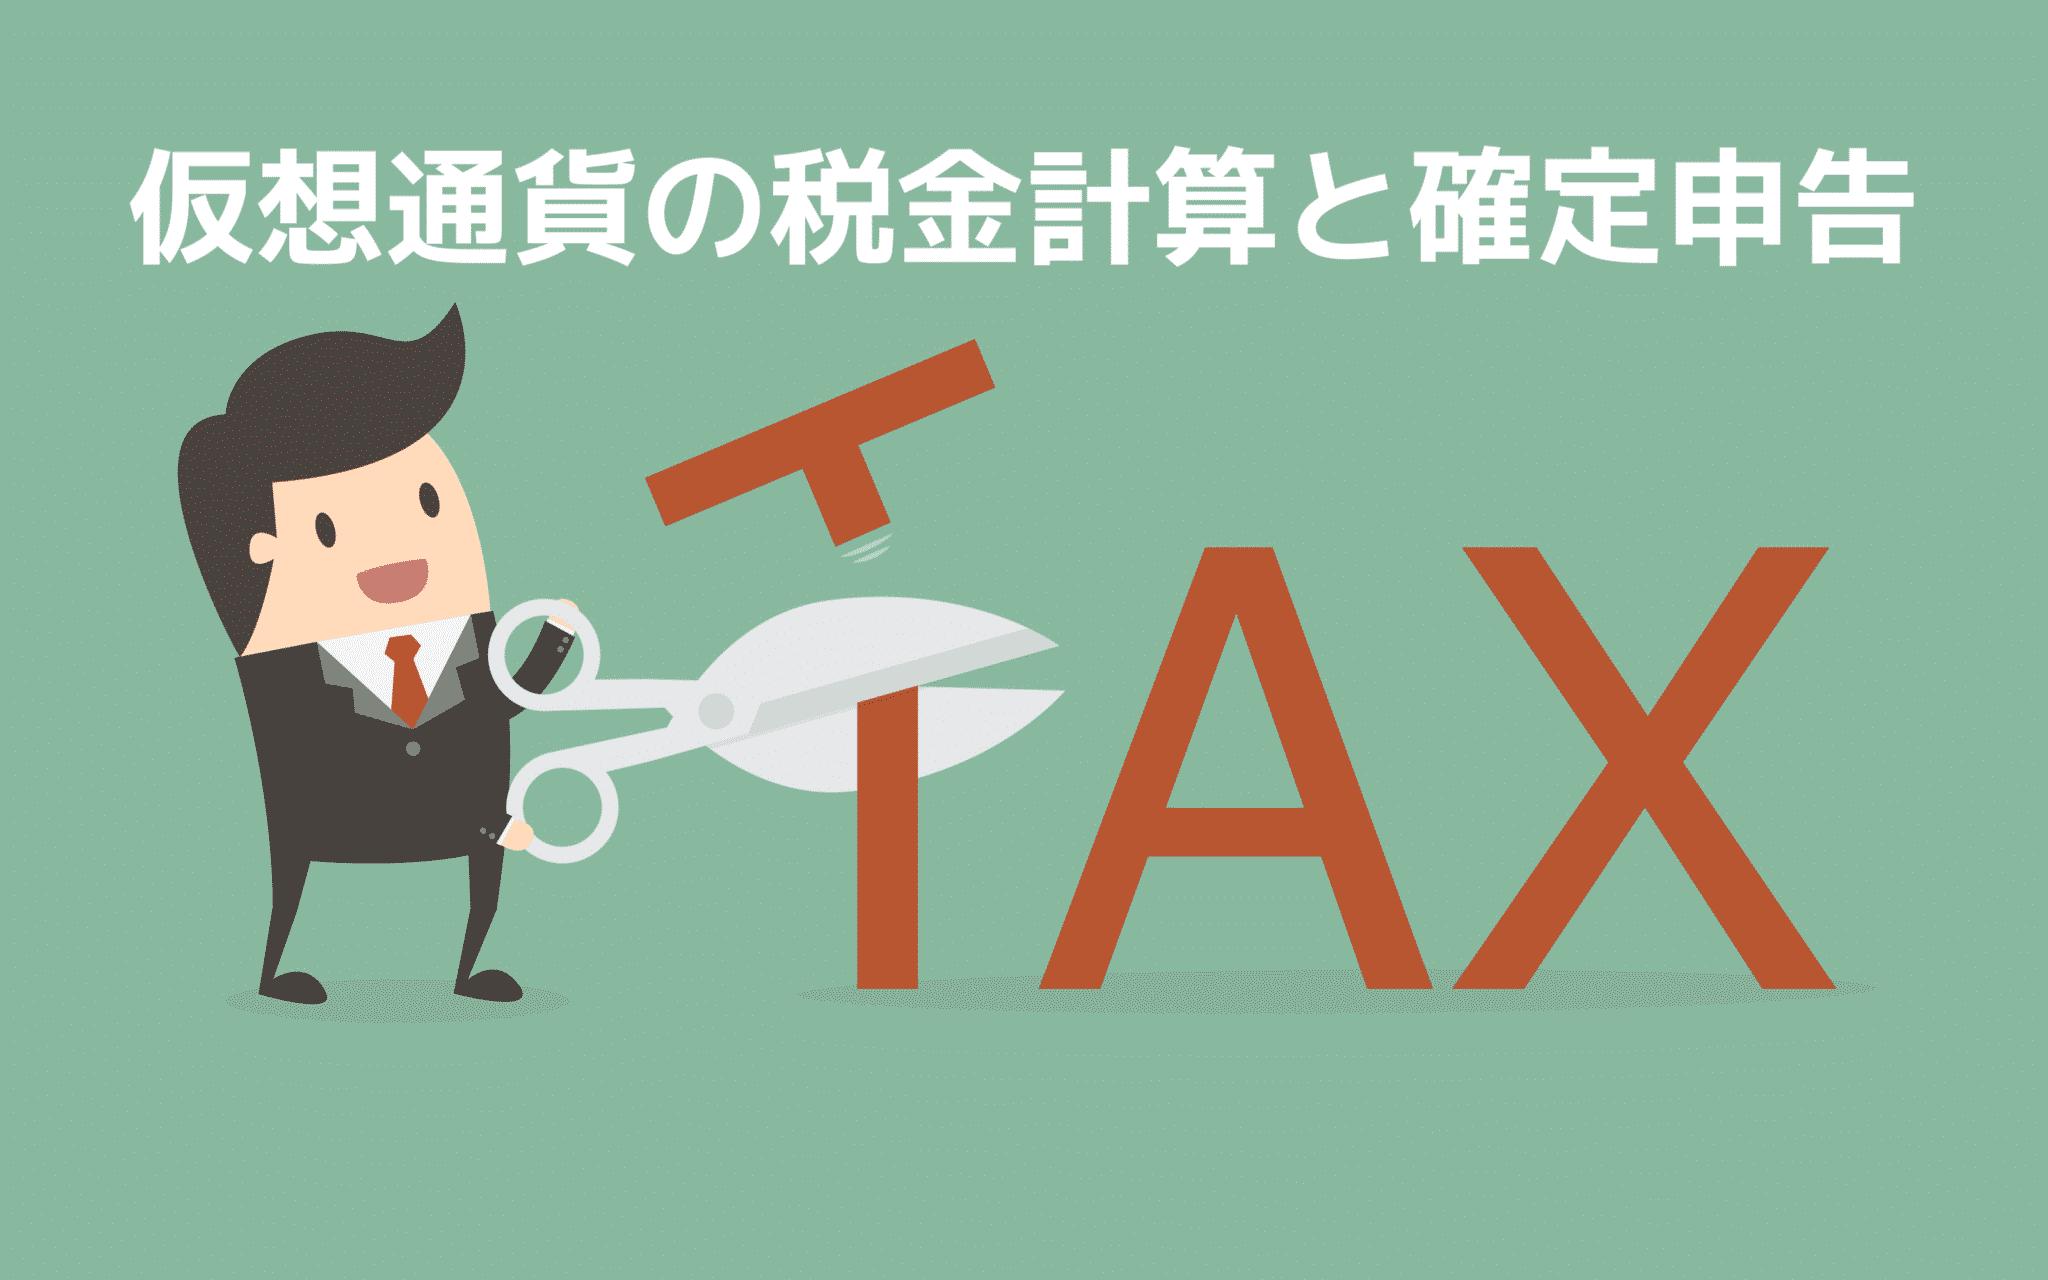 【アイキャッチ】仮想通貨で税金がかかる?サラリーマンの確定申告と税金計算